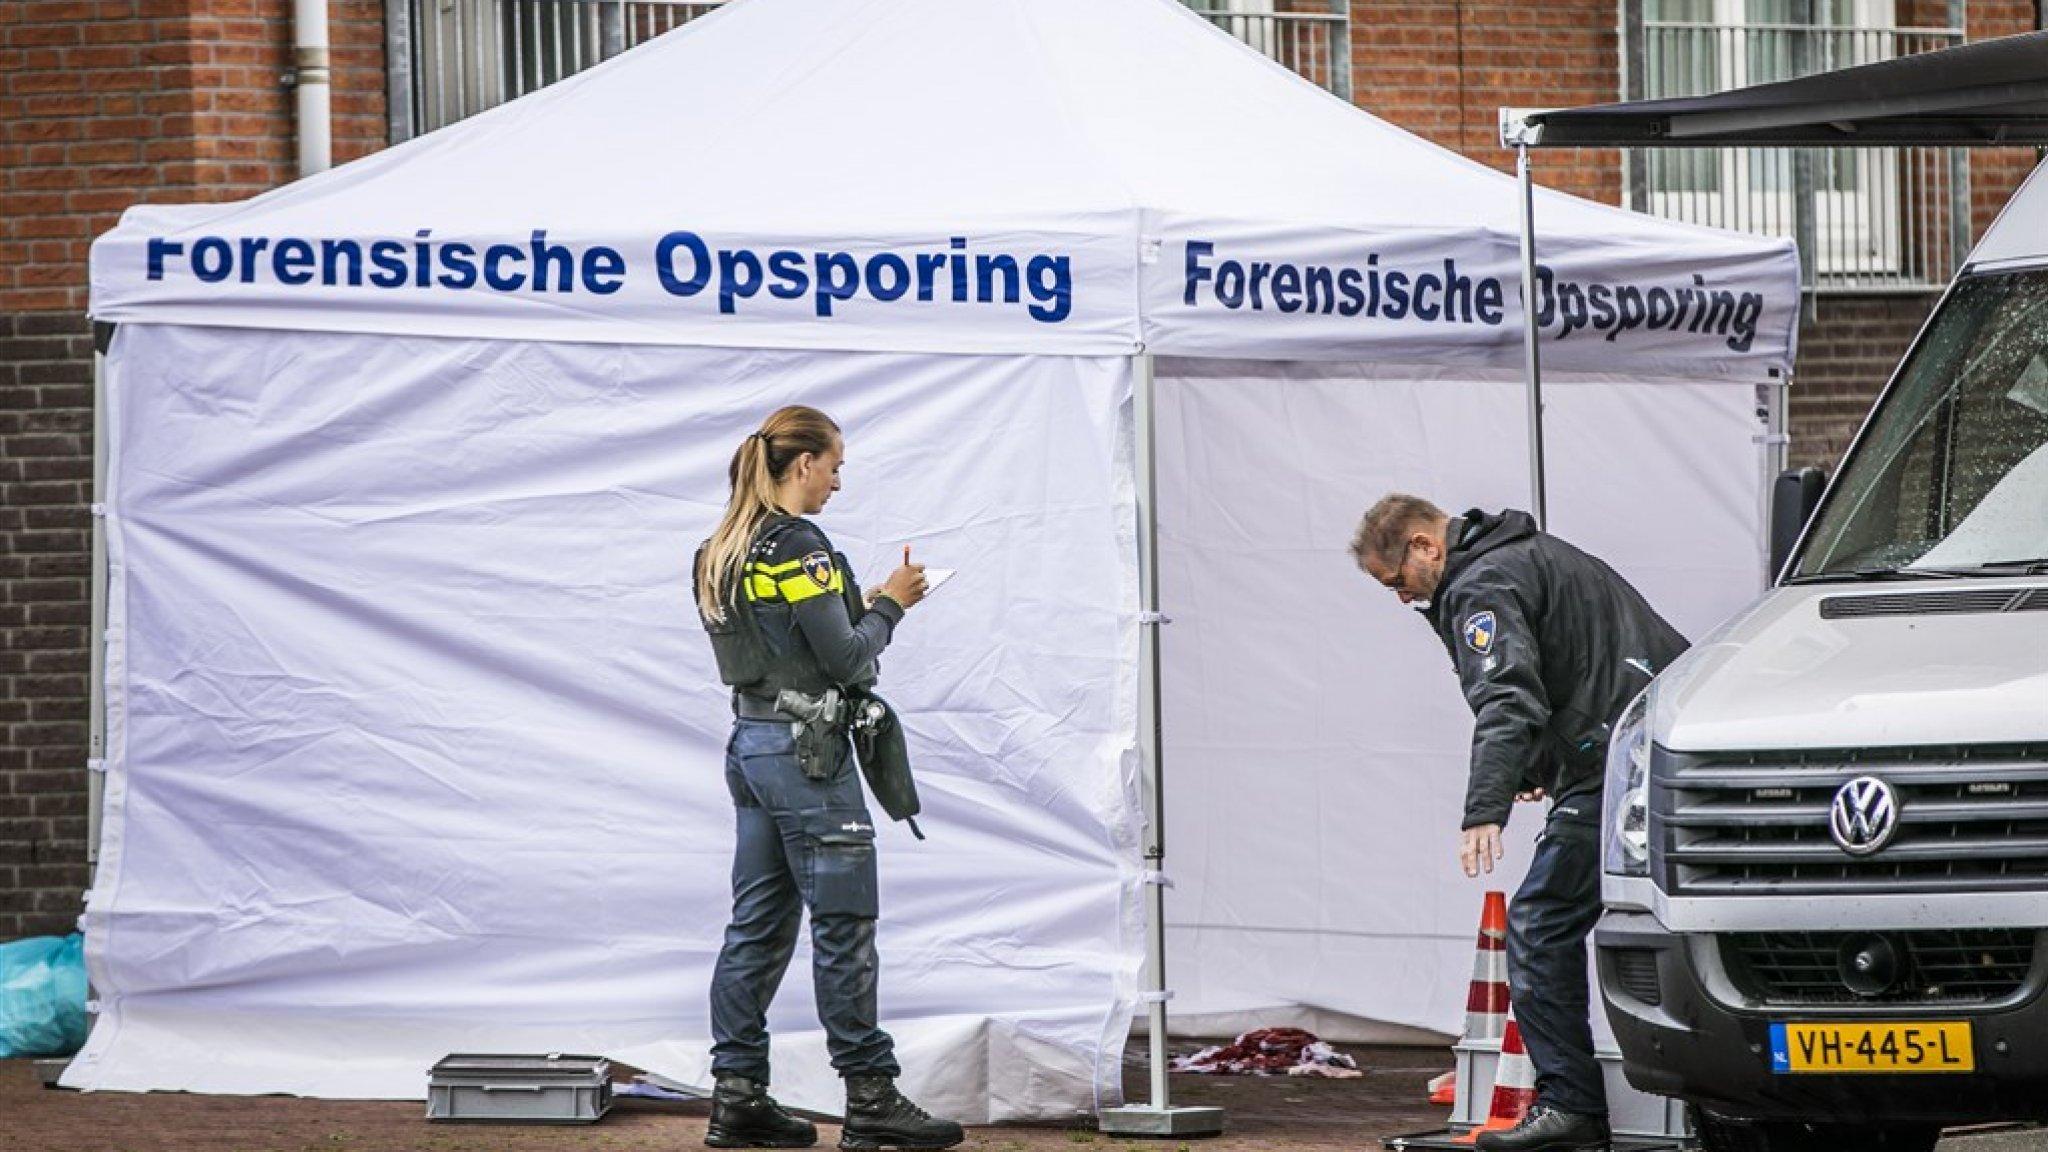 Persoonsverwisseling: moord op Nijmeegse klusjesman Mehmet (49) was vergissing - RTL Nieuws